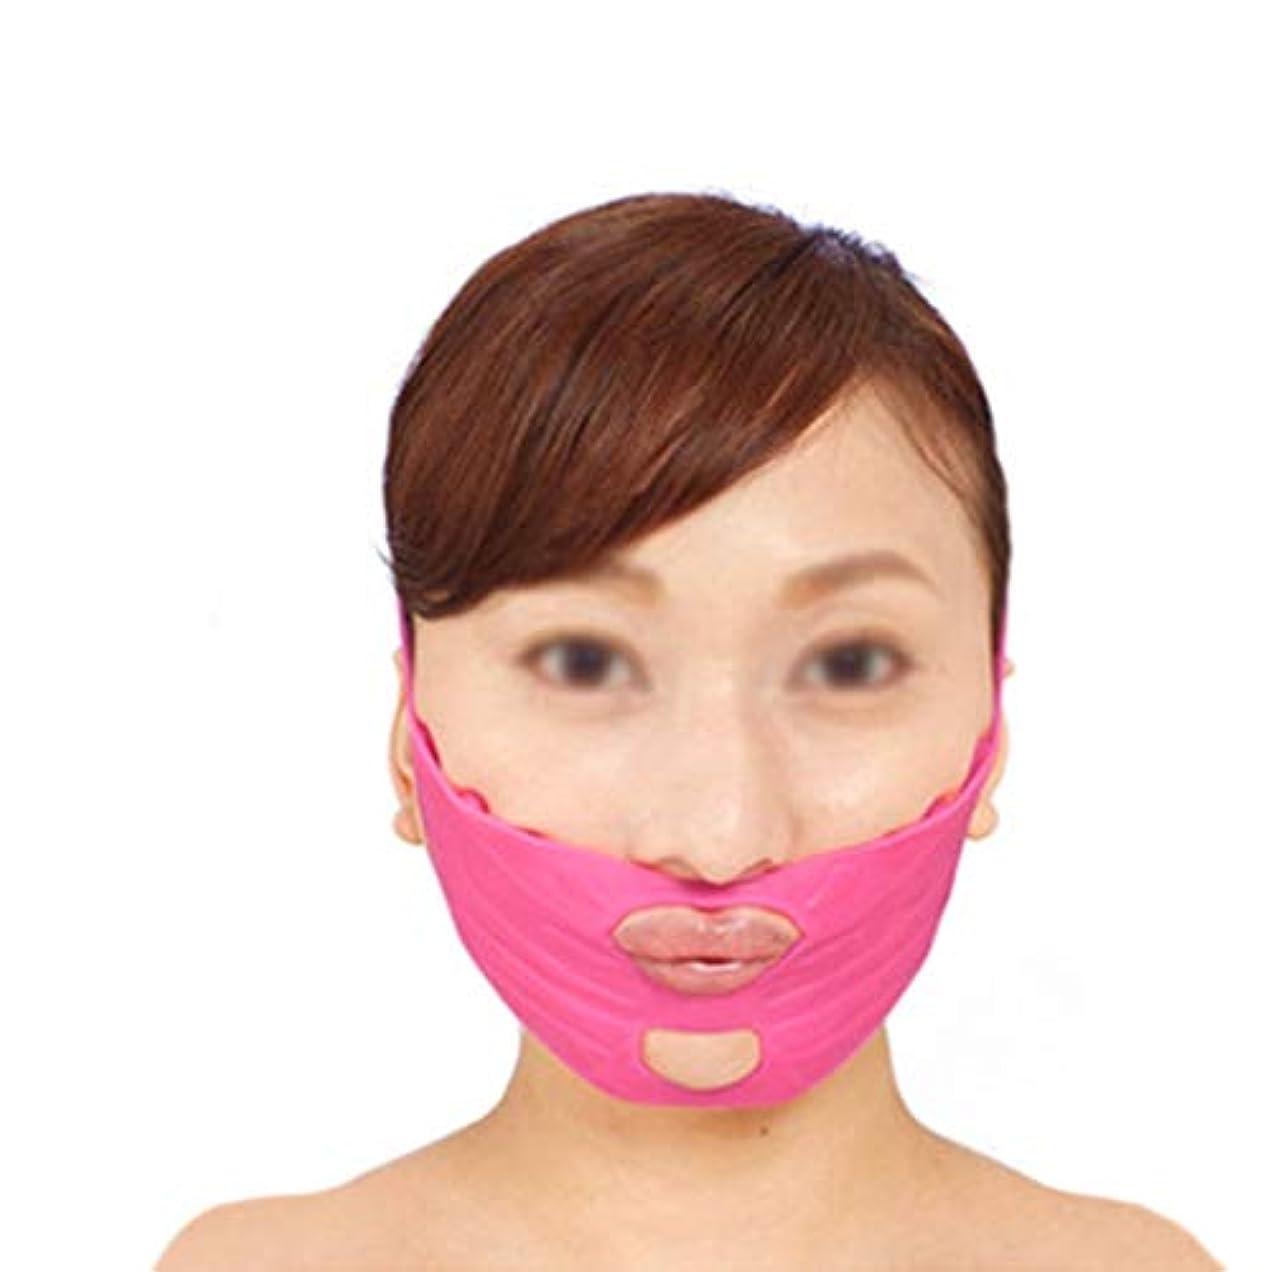 ぺディカブローラーフィクションフェイスストラップ付きマスク、プルアップフェイスマスク、フェイスリフティングマスク、フェイス締め付け包帯、フェイスリフティング包帯、フェイスバンドを持ち上げて二重あごを減らす(ピンク、ワンサイズ)